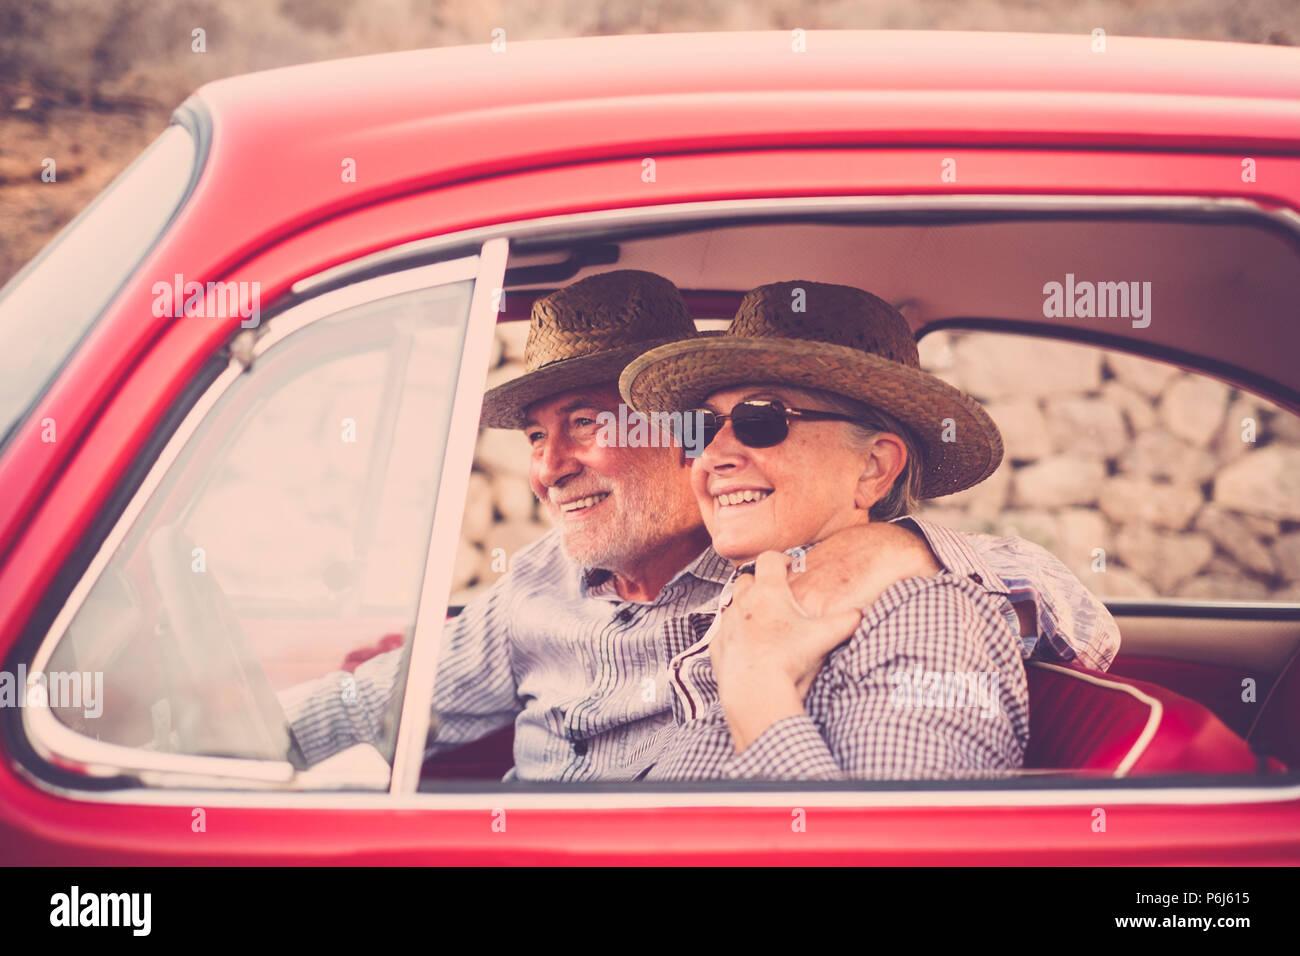 Pareja de ancianos con sombrero, con gafas, con el pelo blanco y gris, con camisa casual, en vintage coche rojo en vacaciones disfrutando de tiempo y vida. Con un chee Imagen De Stock